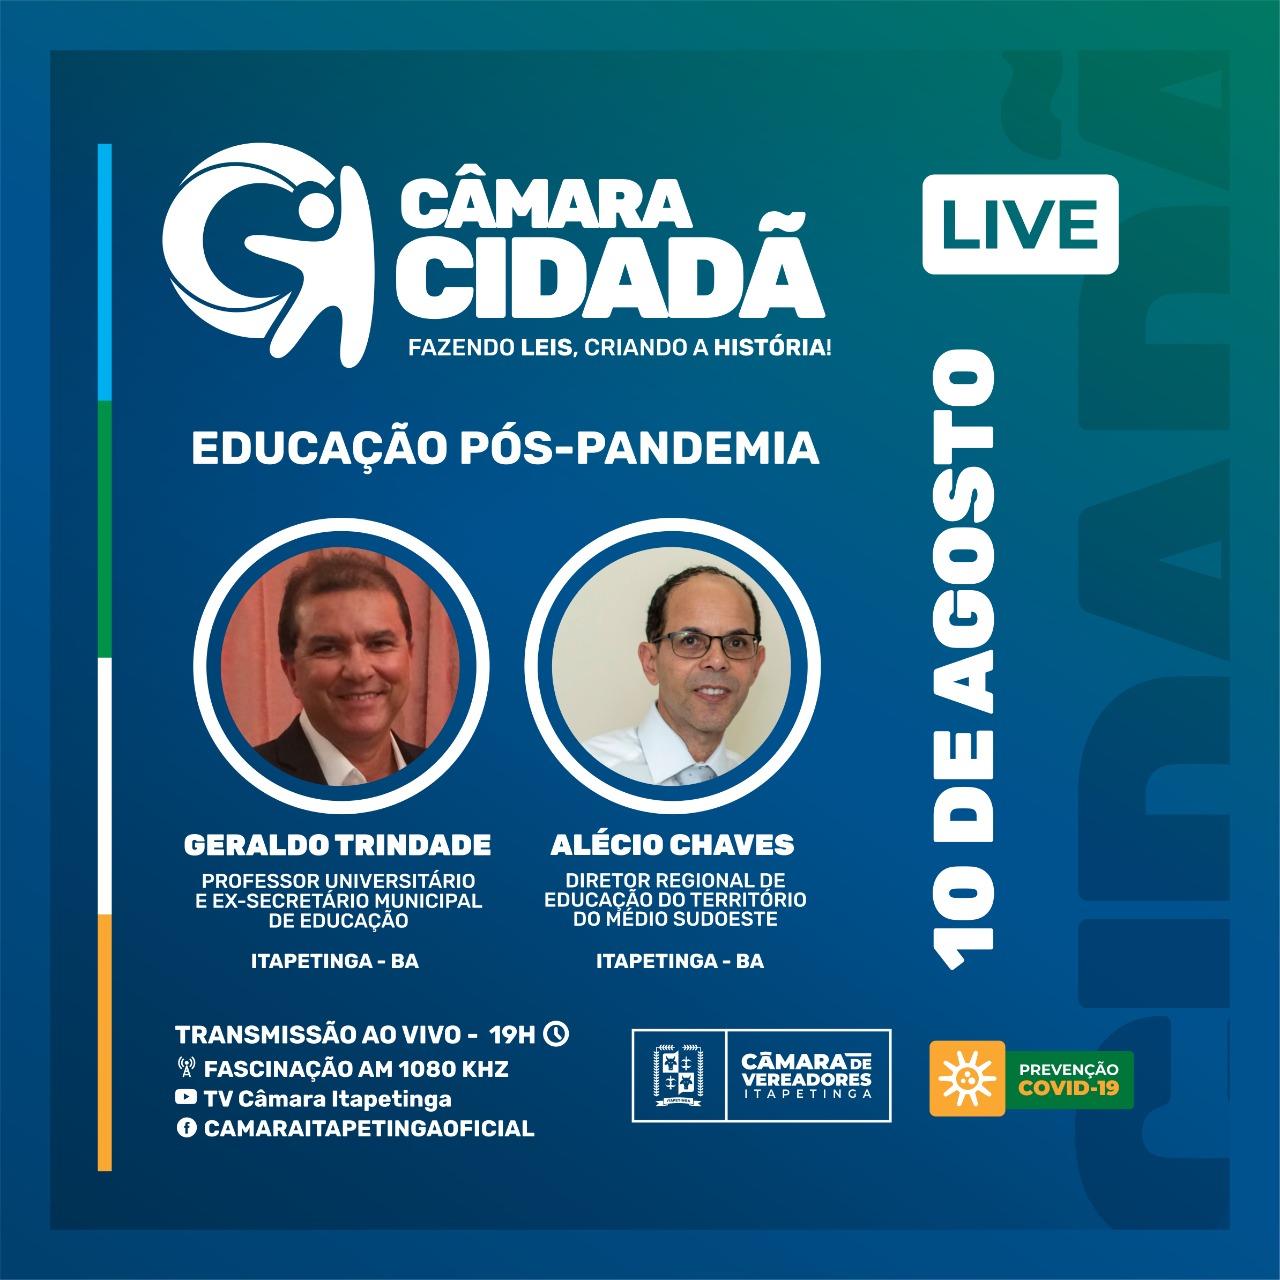 Itapetinga: Câmara Cidadã vai discutir educação pós-pandemia